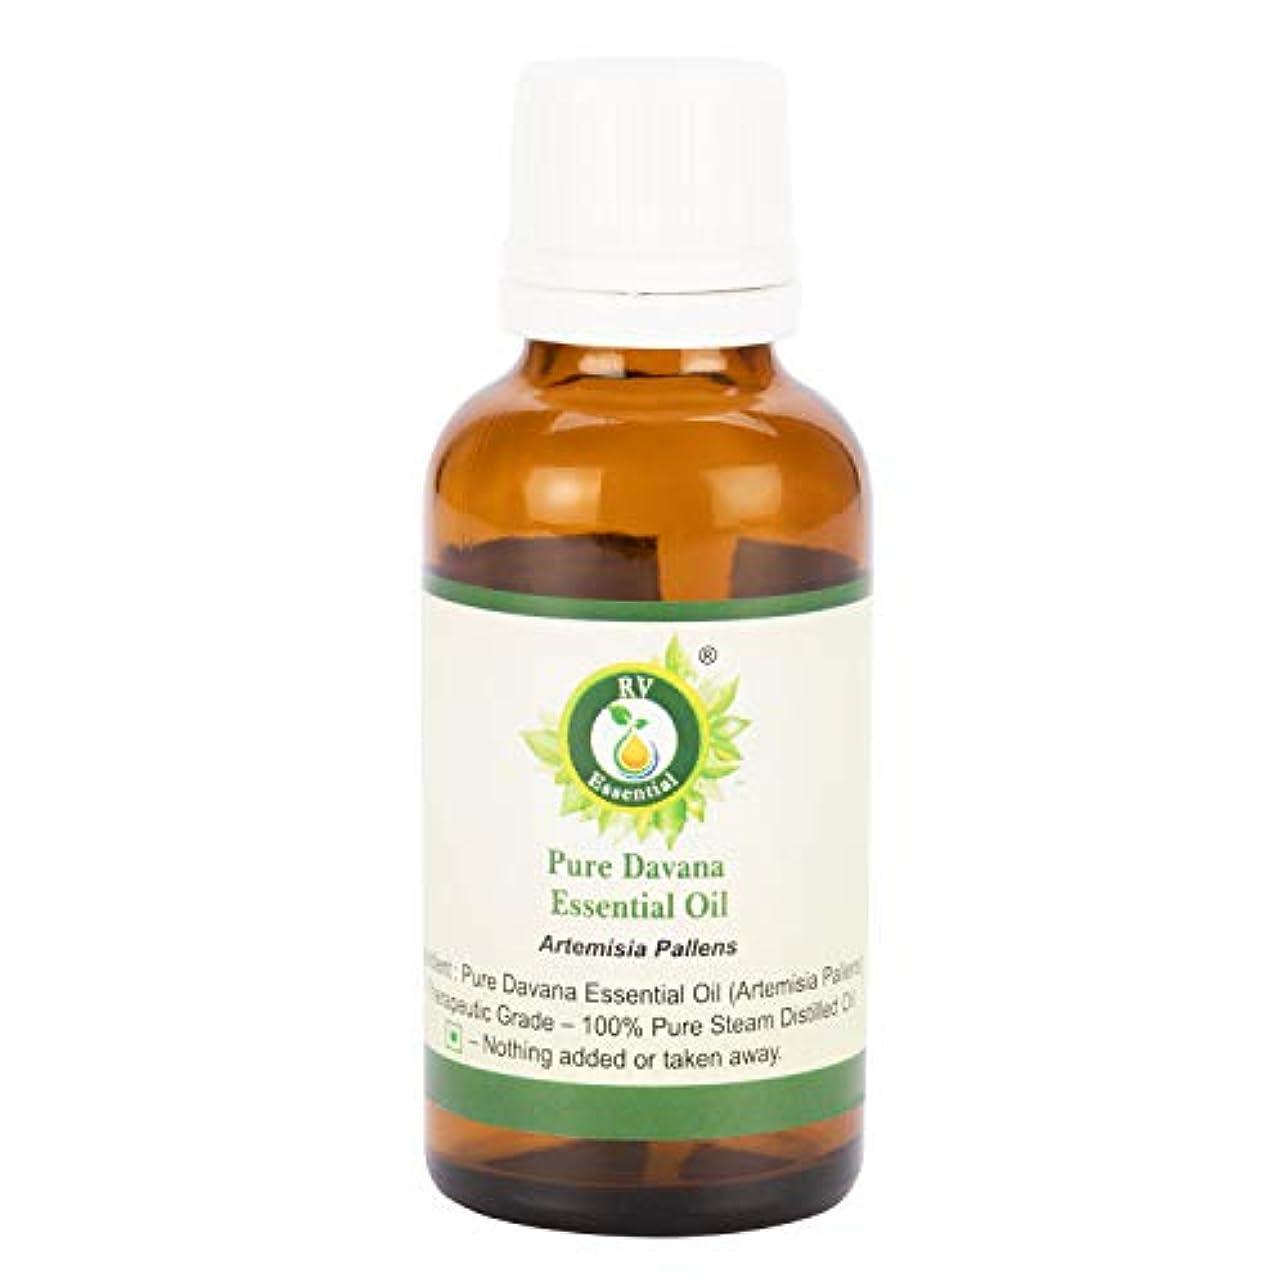 急性大声であごひげピュアDavanaエッセンシャルオイル630ml (21oz)- Artemisia Pallens (100%純粋&天然スチームDistilled) Pure Davana Essential Oil